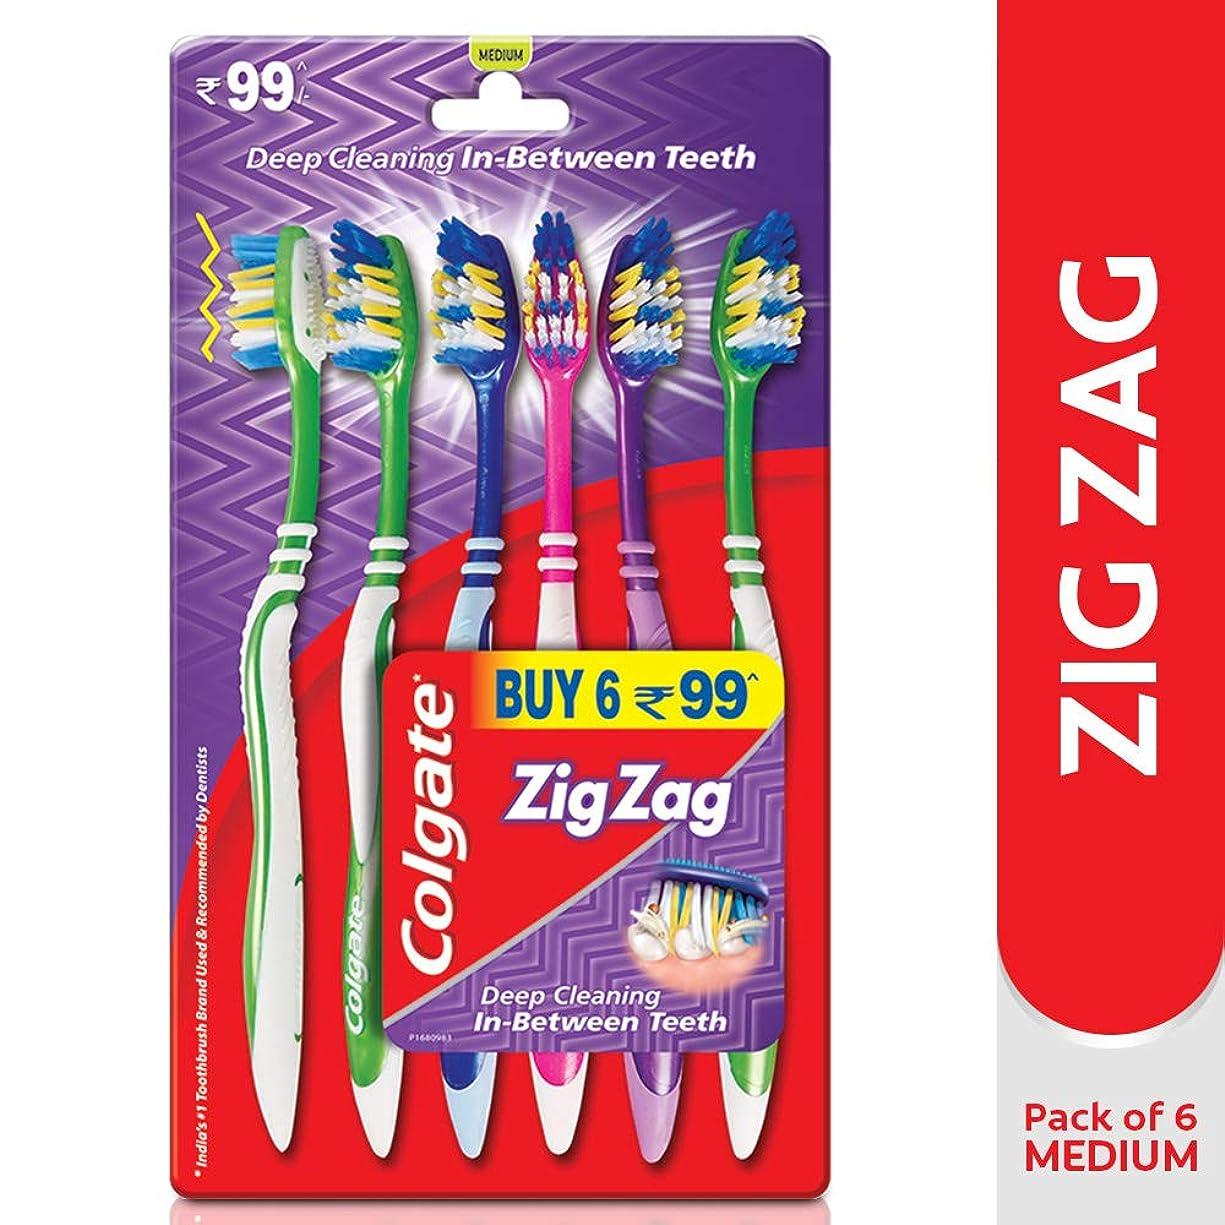 グレートオーク付録通信するColgate Zig Zag Toothbrush